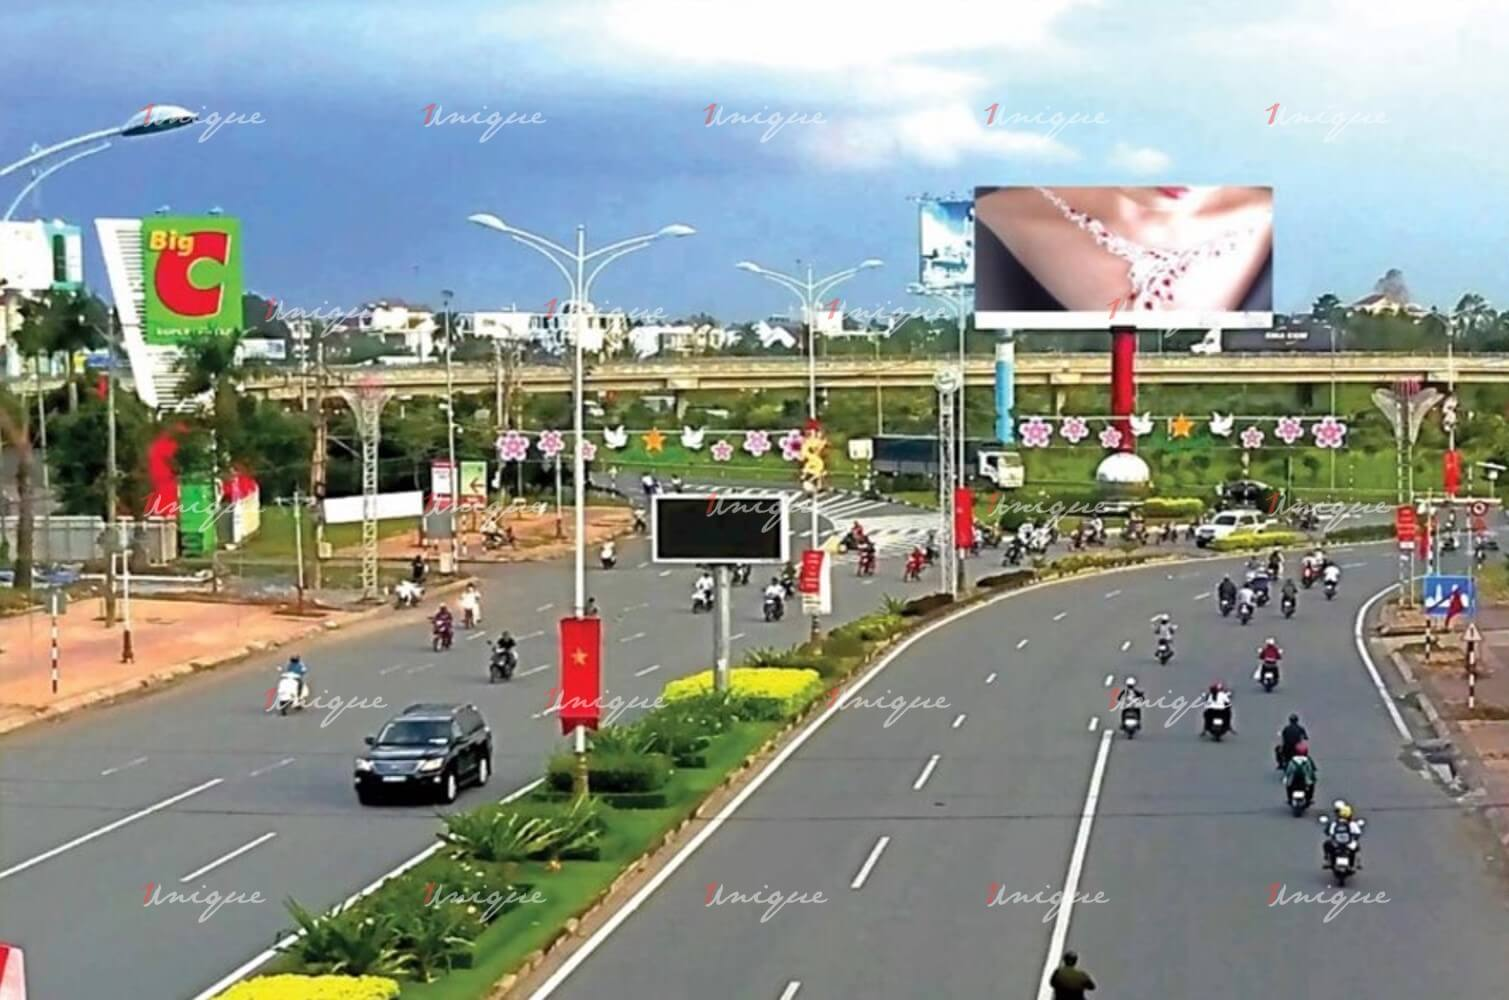 màn hình Led quảng cáo ngoài trời ngoài trời tại nút giao thông IC3 mang lại những hình ảnh quảng cáo vô cùng sống động, thu hút sự chú ý của những người tham gia lưu thông trên đường.